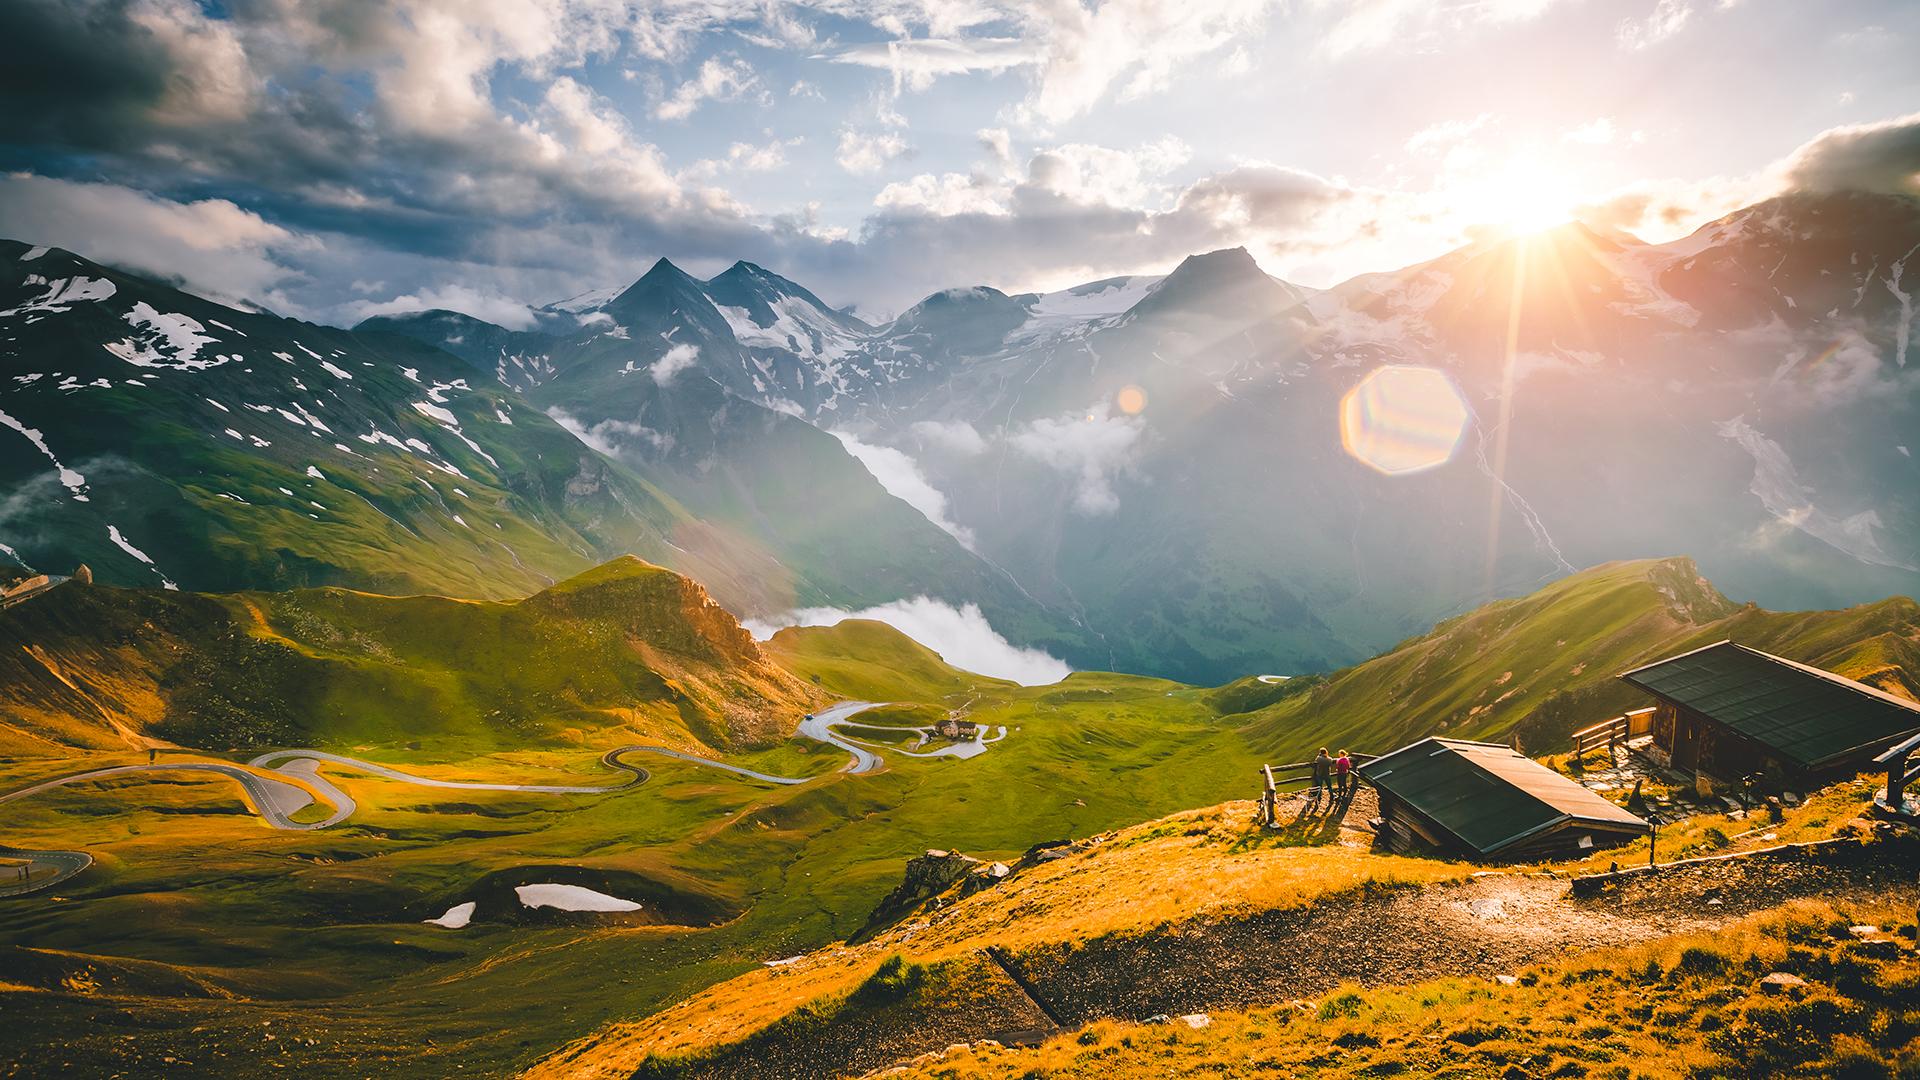 Österreich_Tirol_Grosglockner_Sunset_16_9